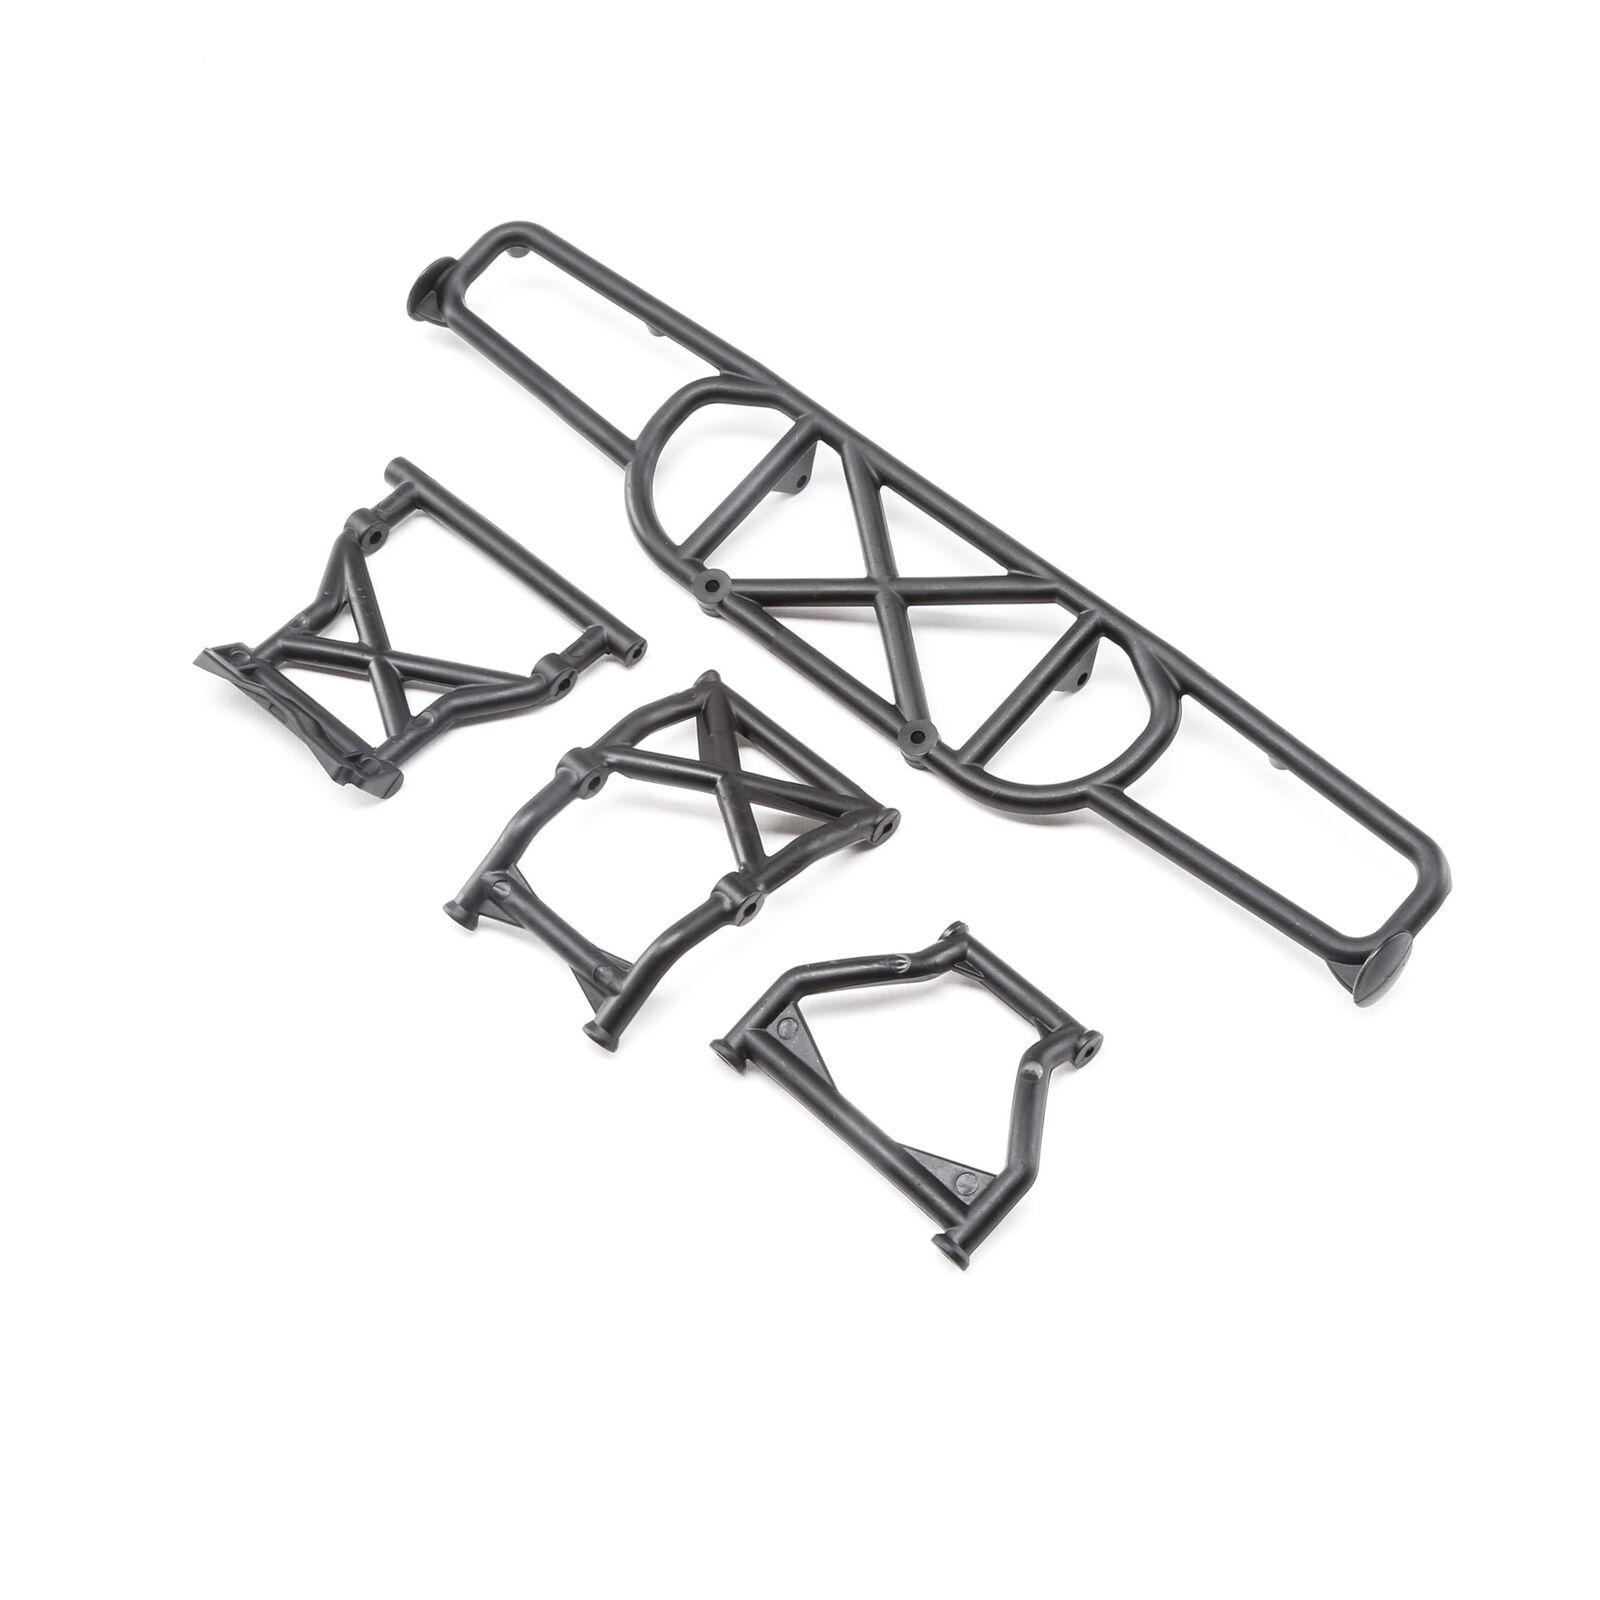 Rear Bumper Set: TENACITY SCT